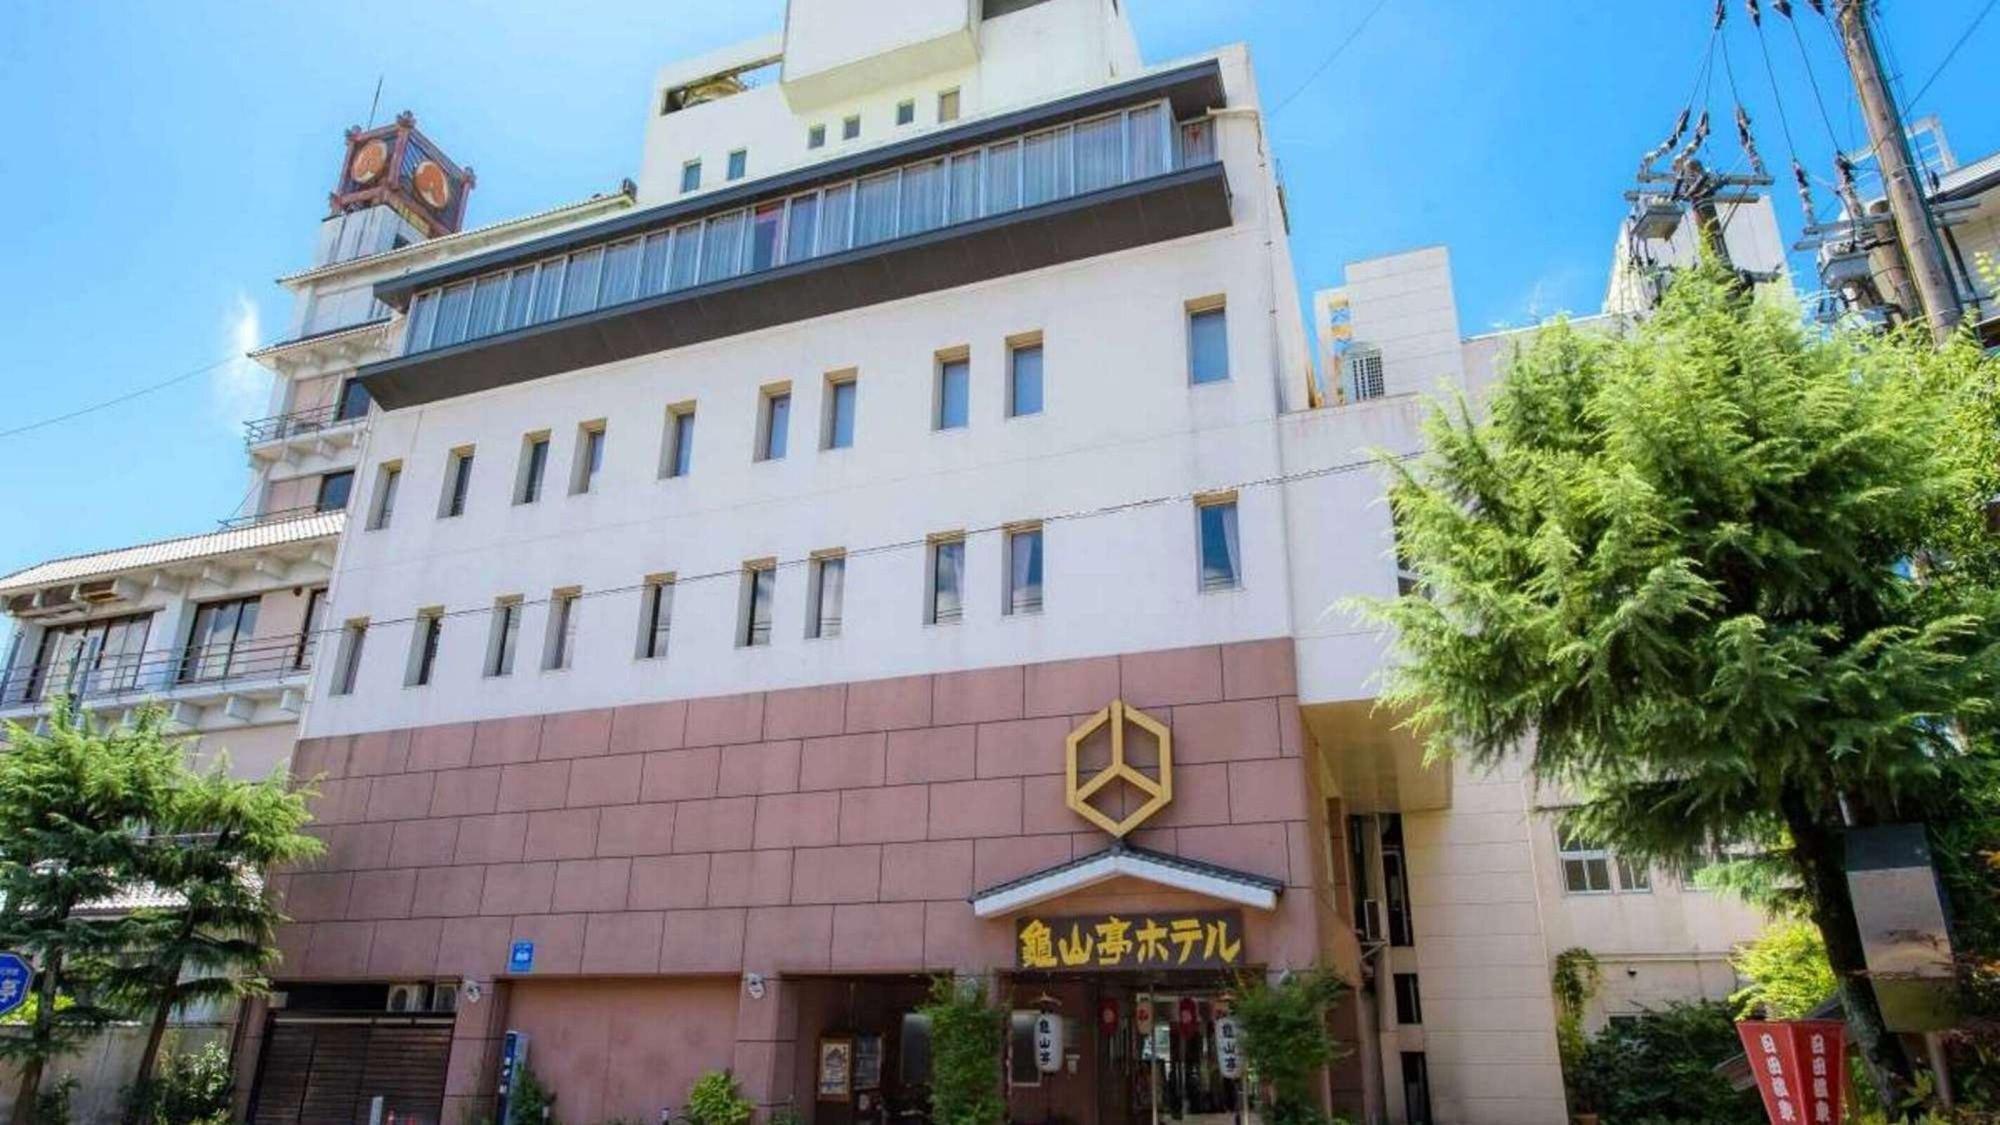 大分県の日田温泉の穴場的旅館